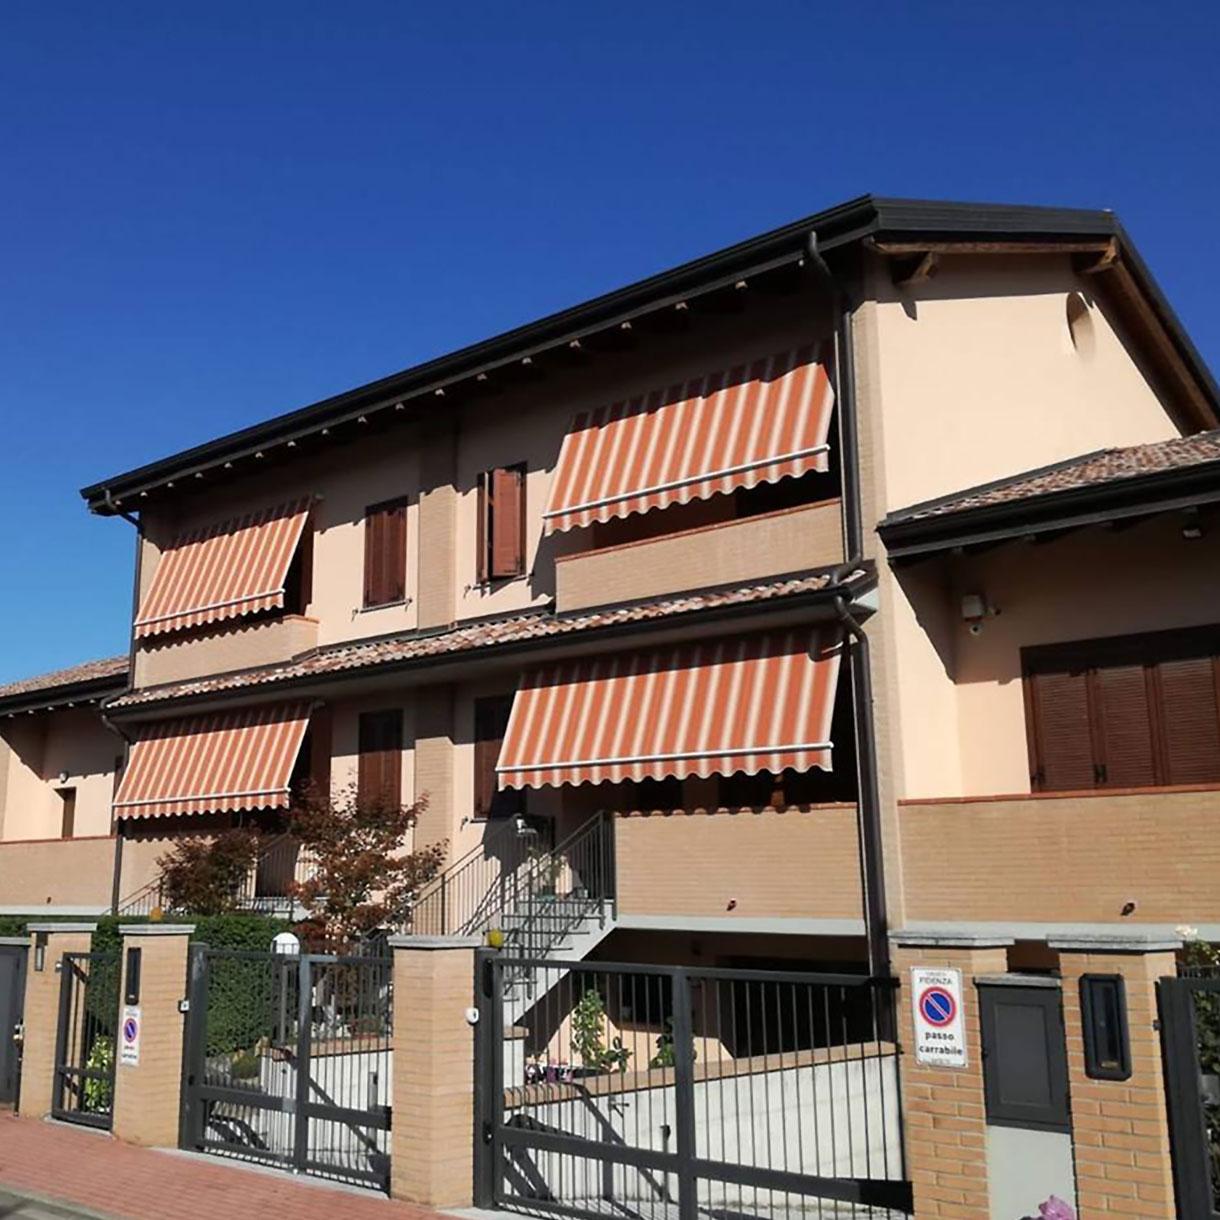 Vendita Tende Da Sole Parma ianelli tende a fidenza le tende per interni ed esterni